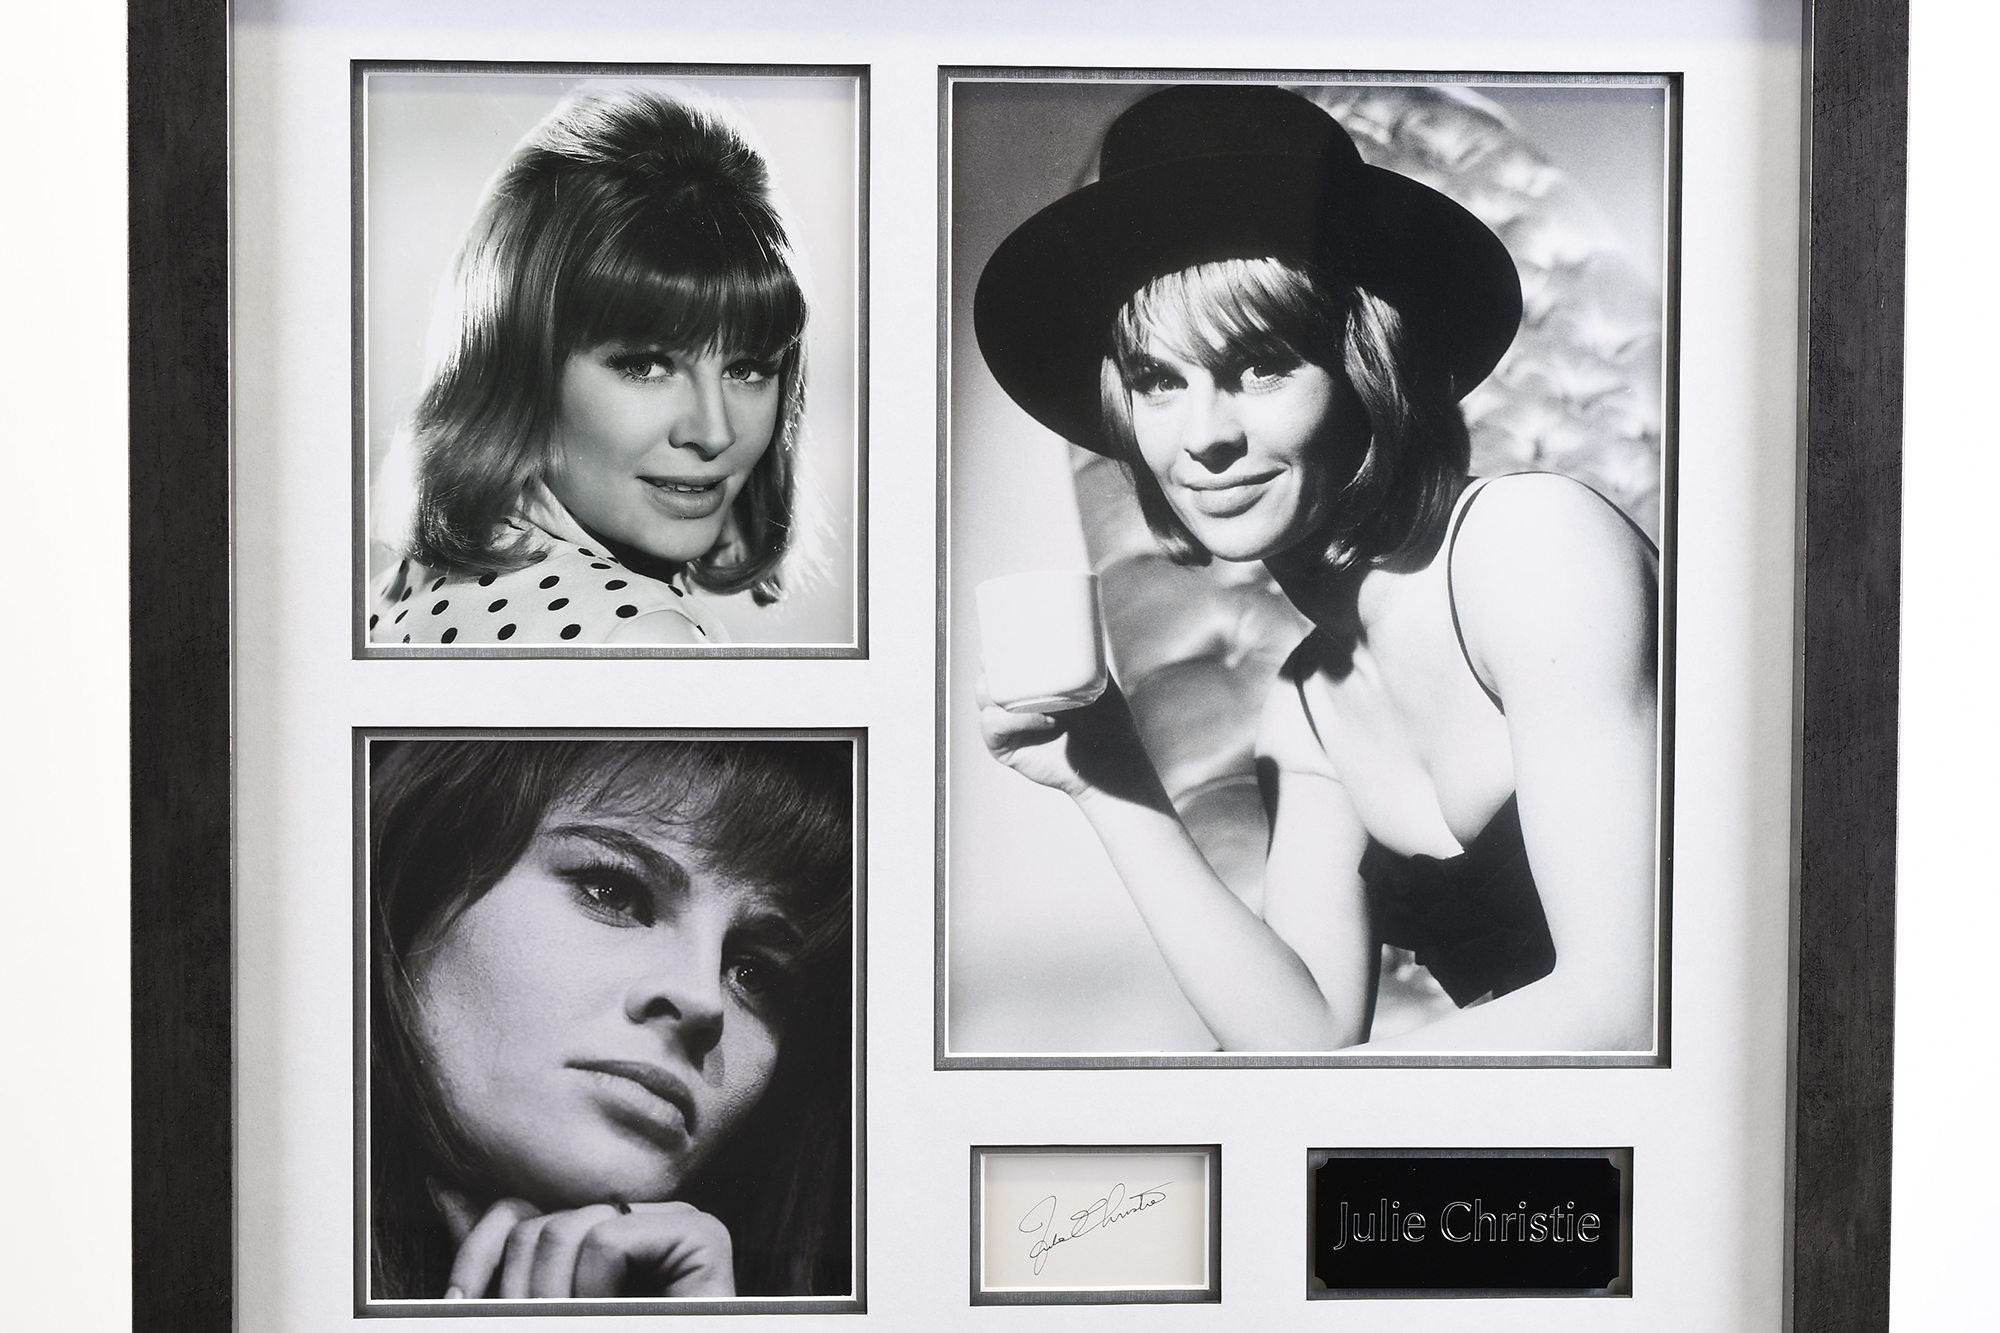 Julie Christie Memorabilia Framed Presentation - Image 2 of 7